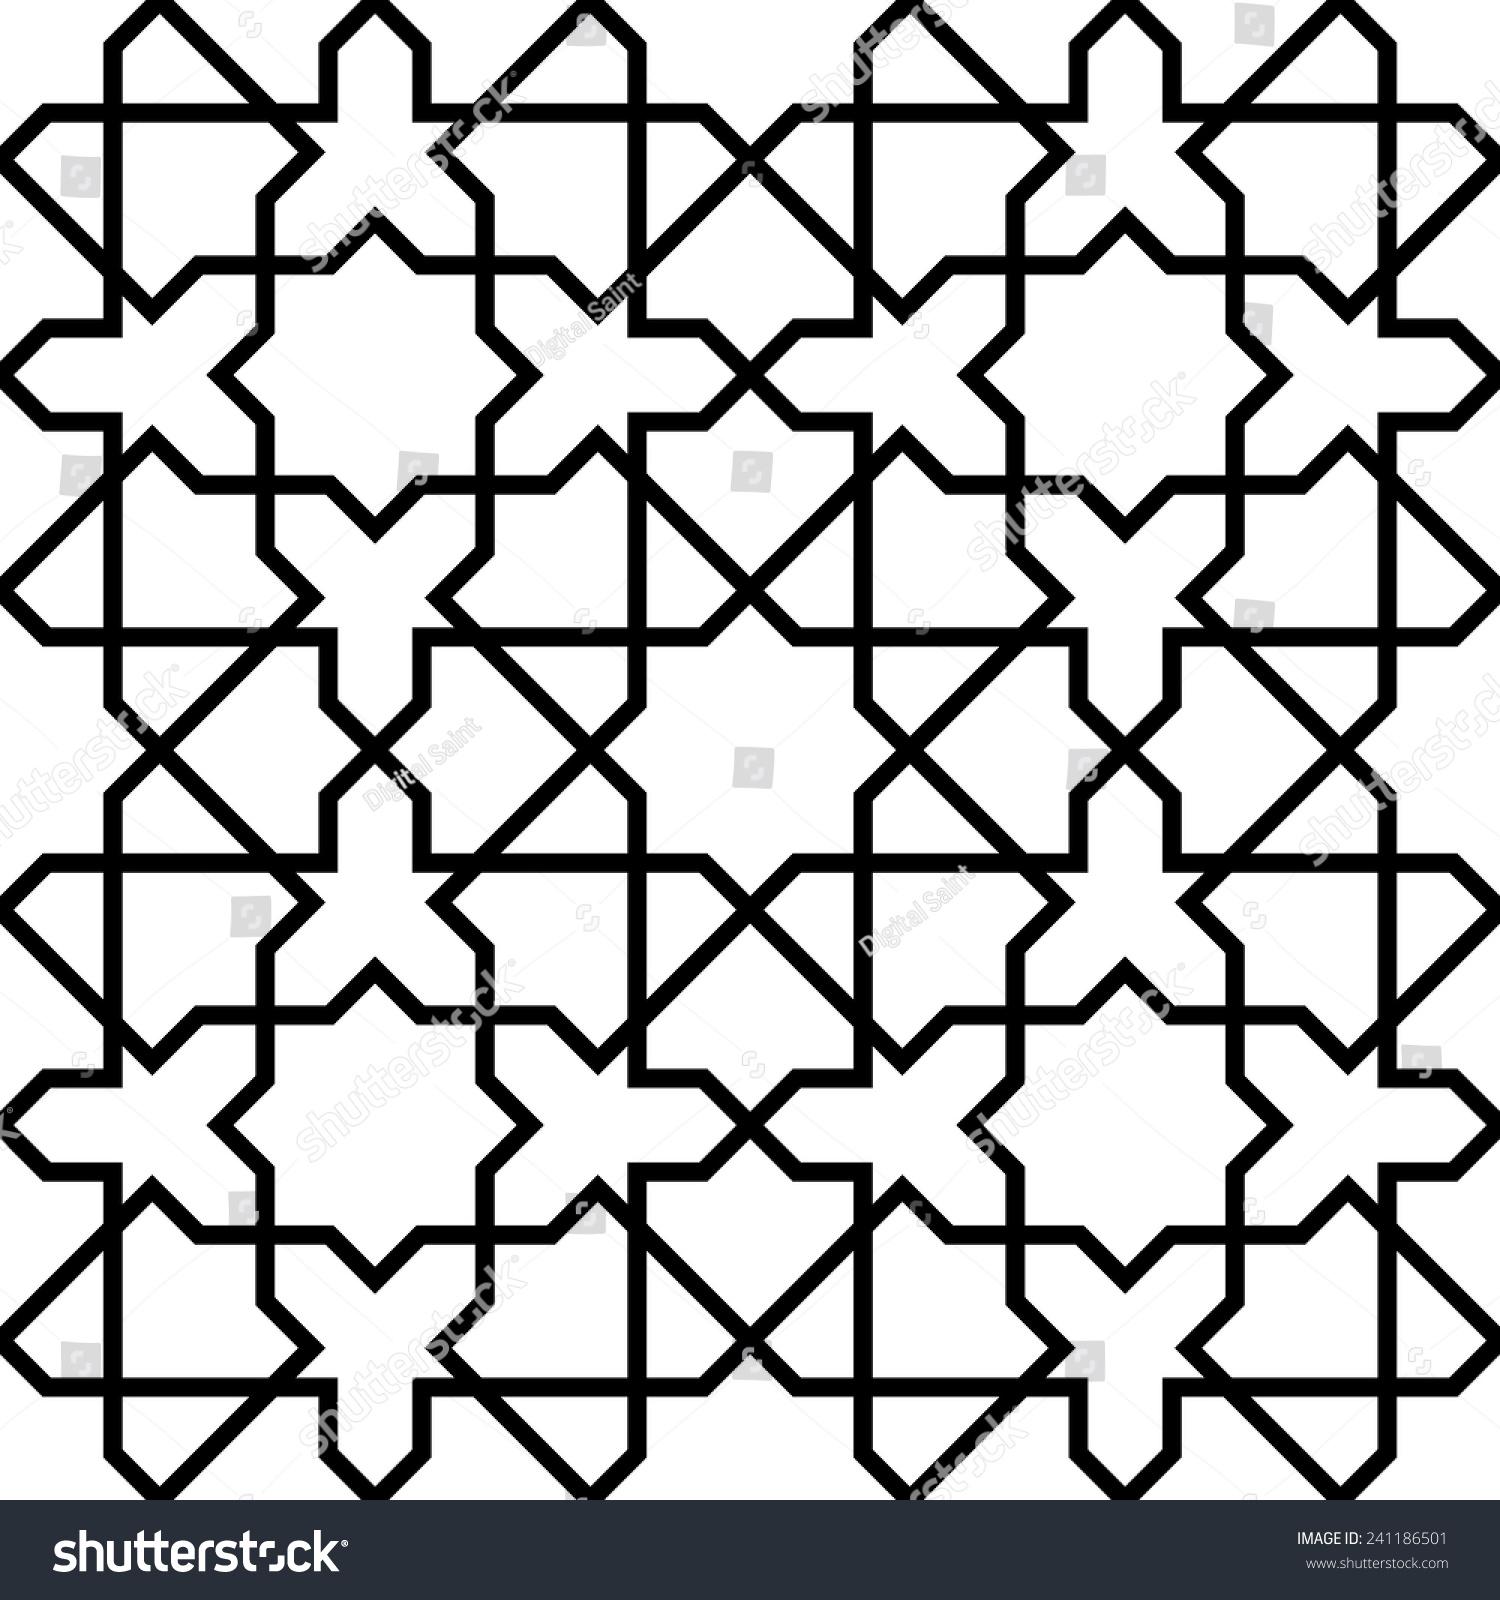 clip art of floor tile